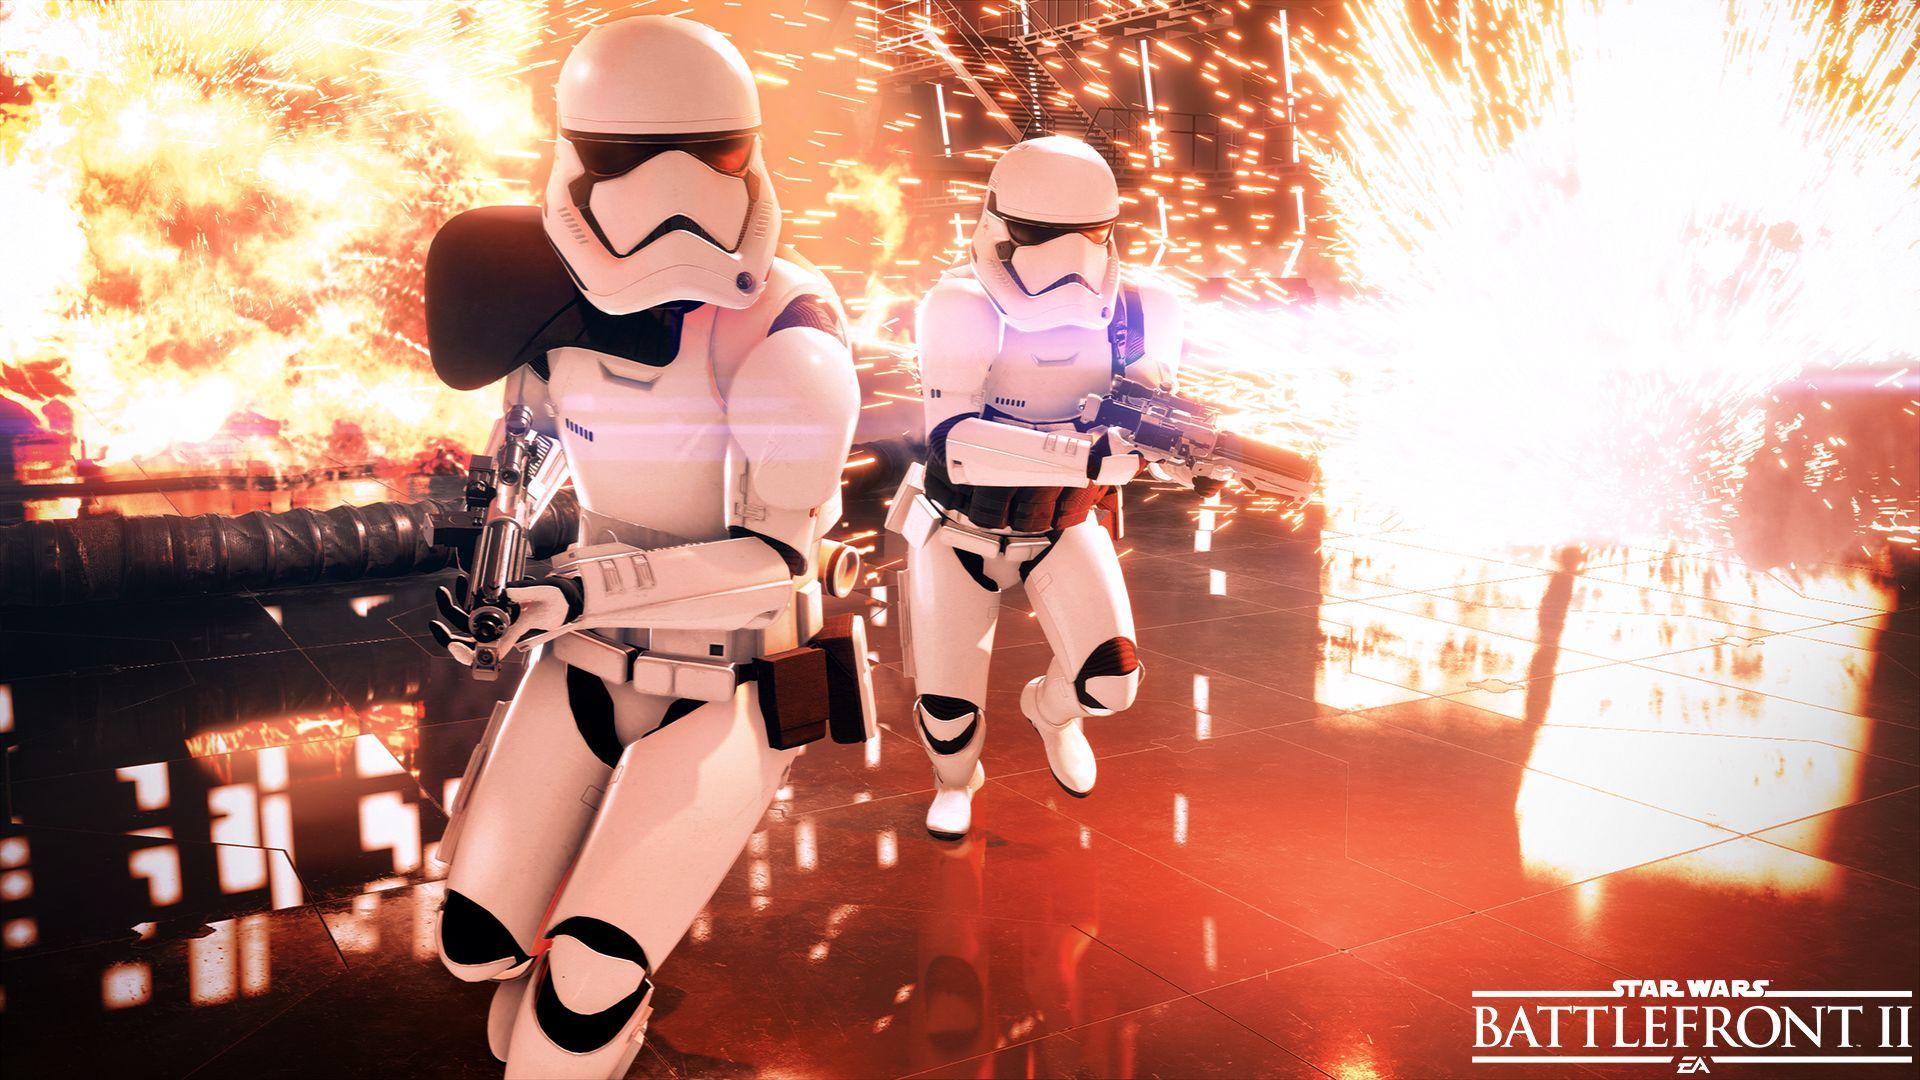 Star Wars Battlefront II (Xbox One) - 4